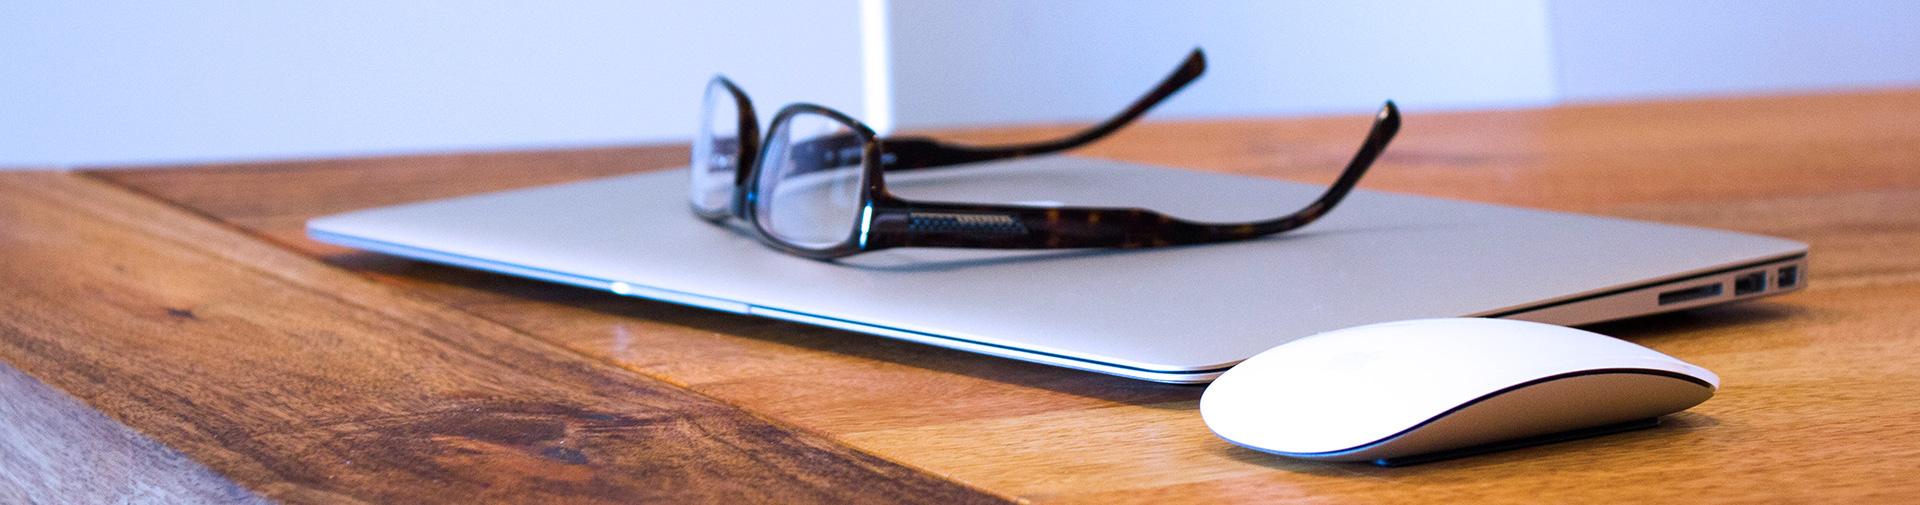 apple-desk-office-technology-banner